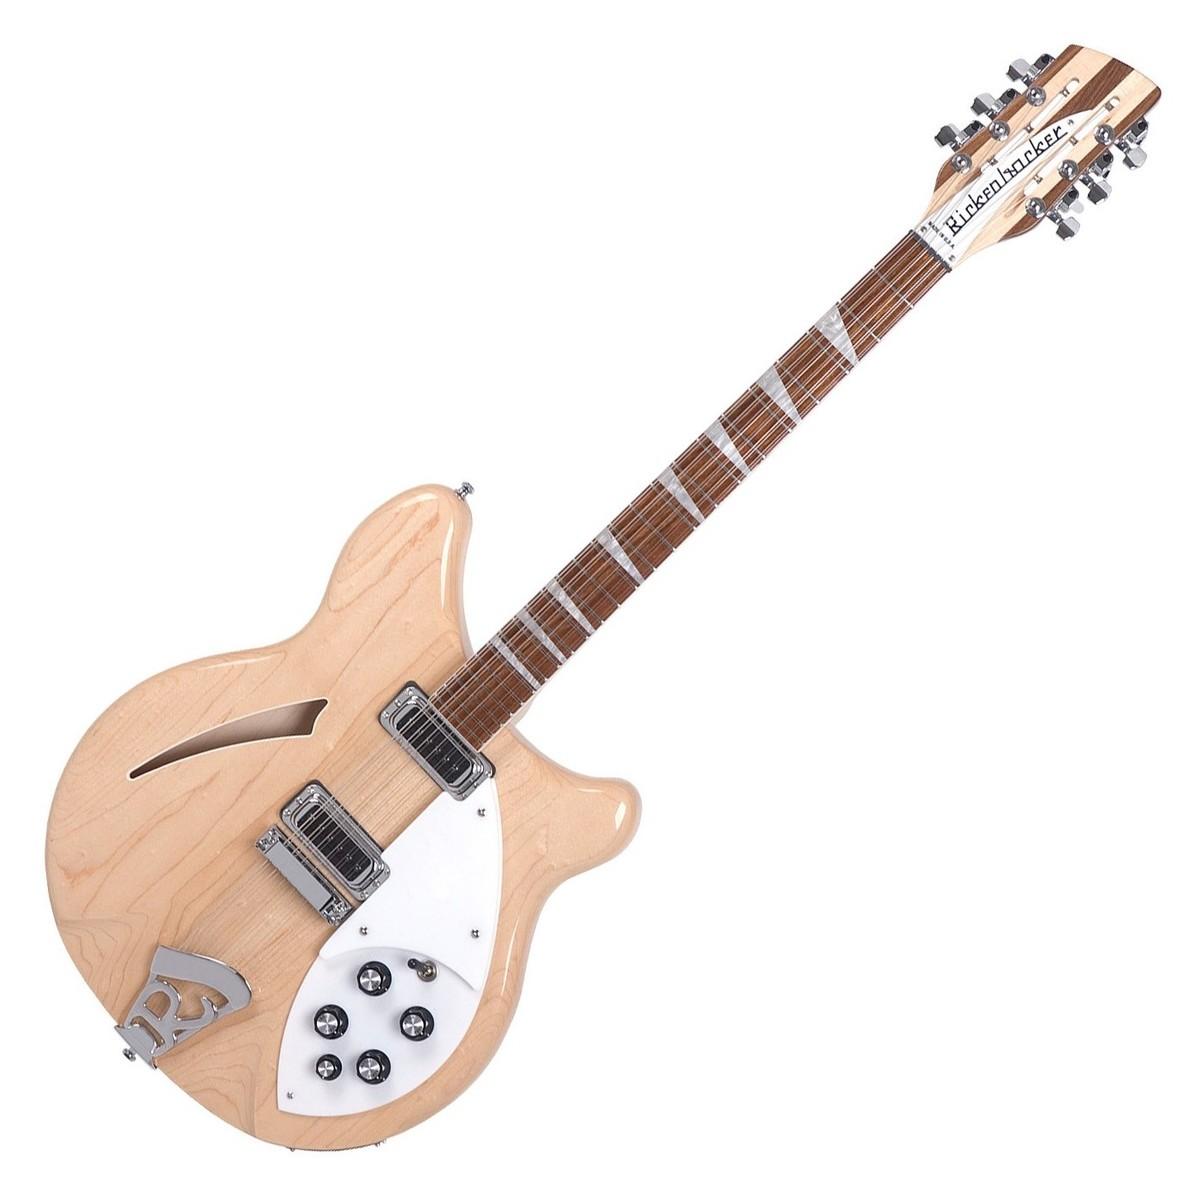 Electric 12 String Guitar : rickenbacker 360 12 string electric guitar mapleglo at ~ Hamham.info Haus und Dekorationen